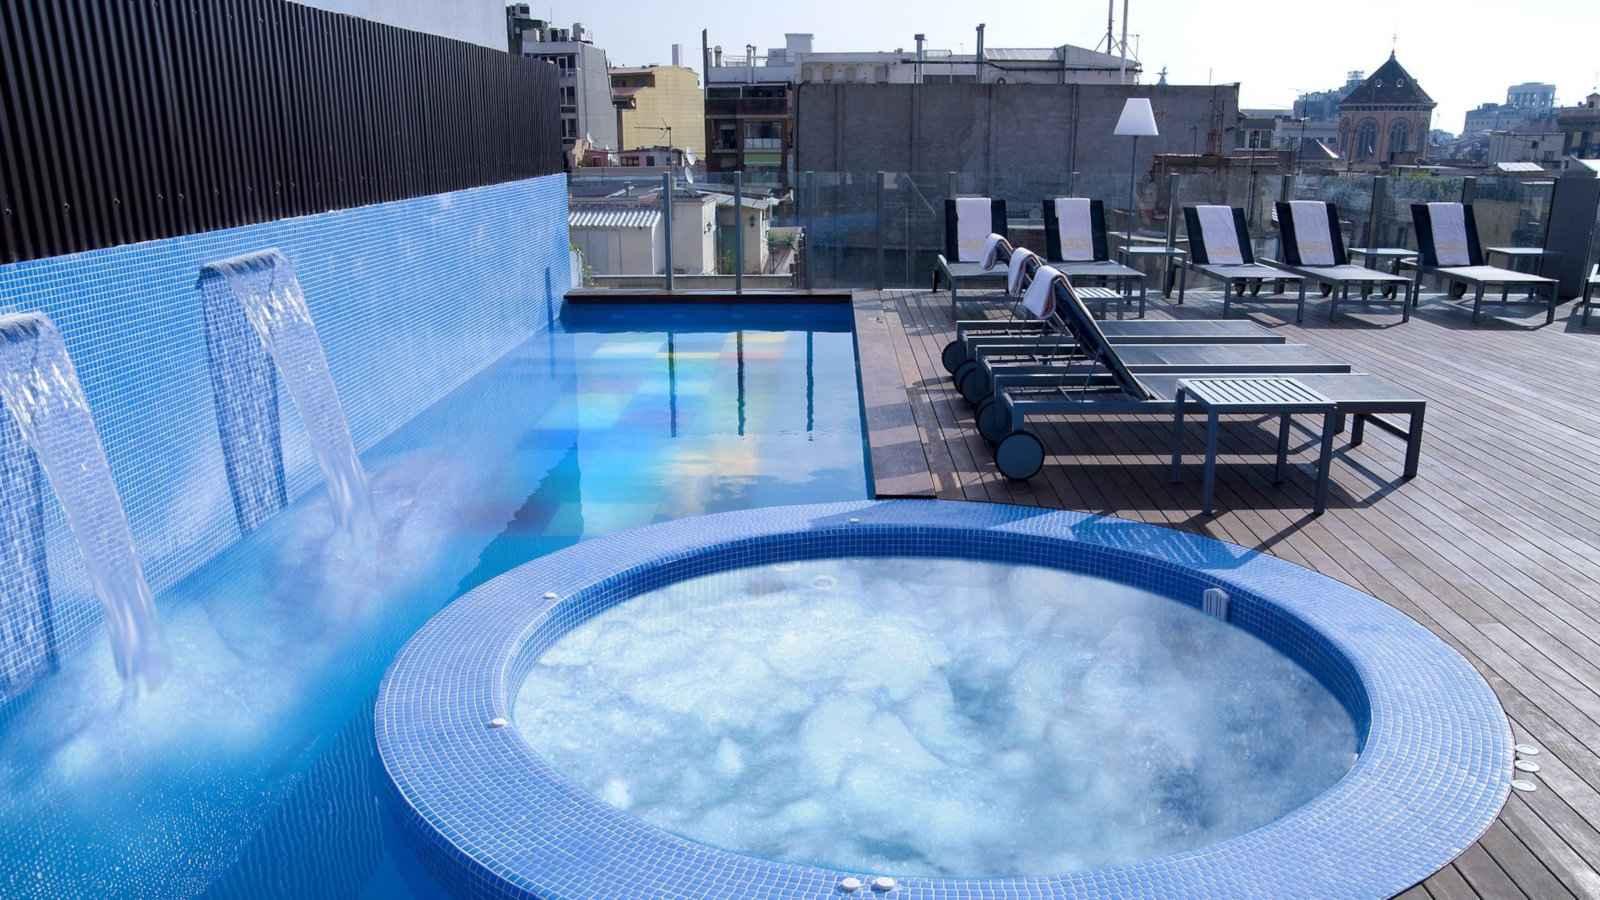 L'hôtel Axel est l'un des meilleurs endroits où séjourner à Barcelone pour les voyageurs homosexuels, il est si joyeux qu'ils s'appellent